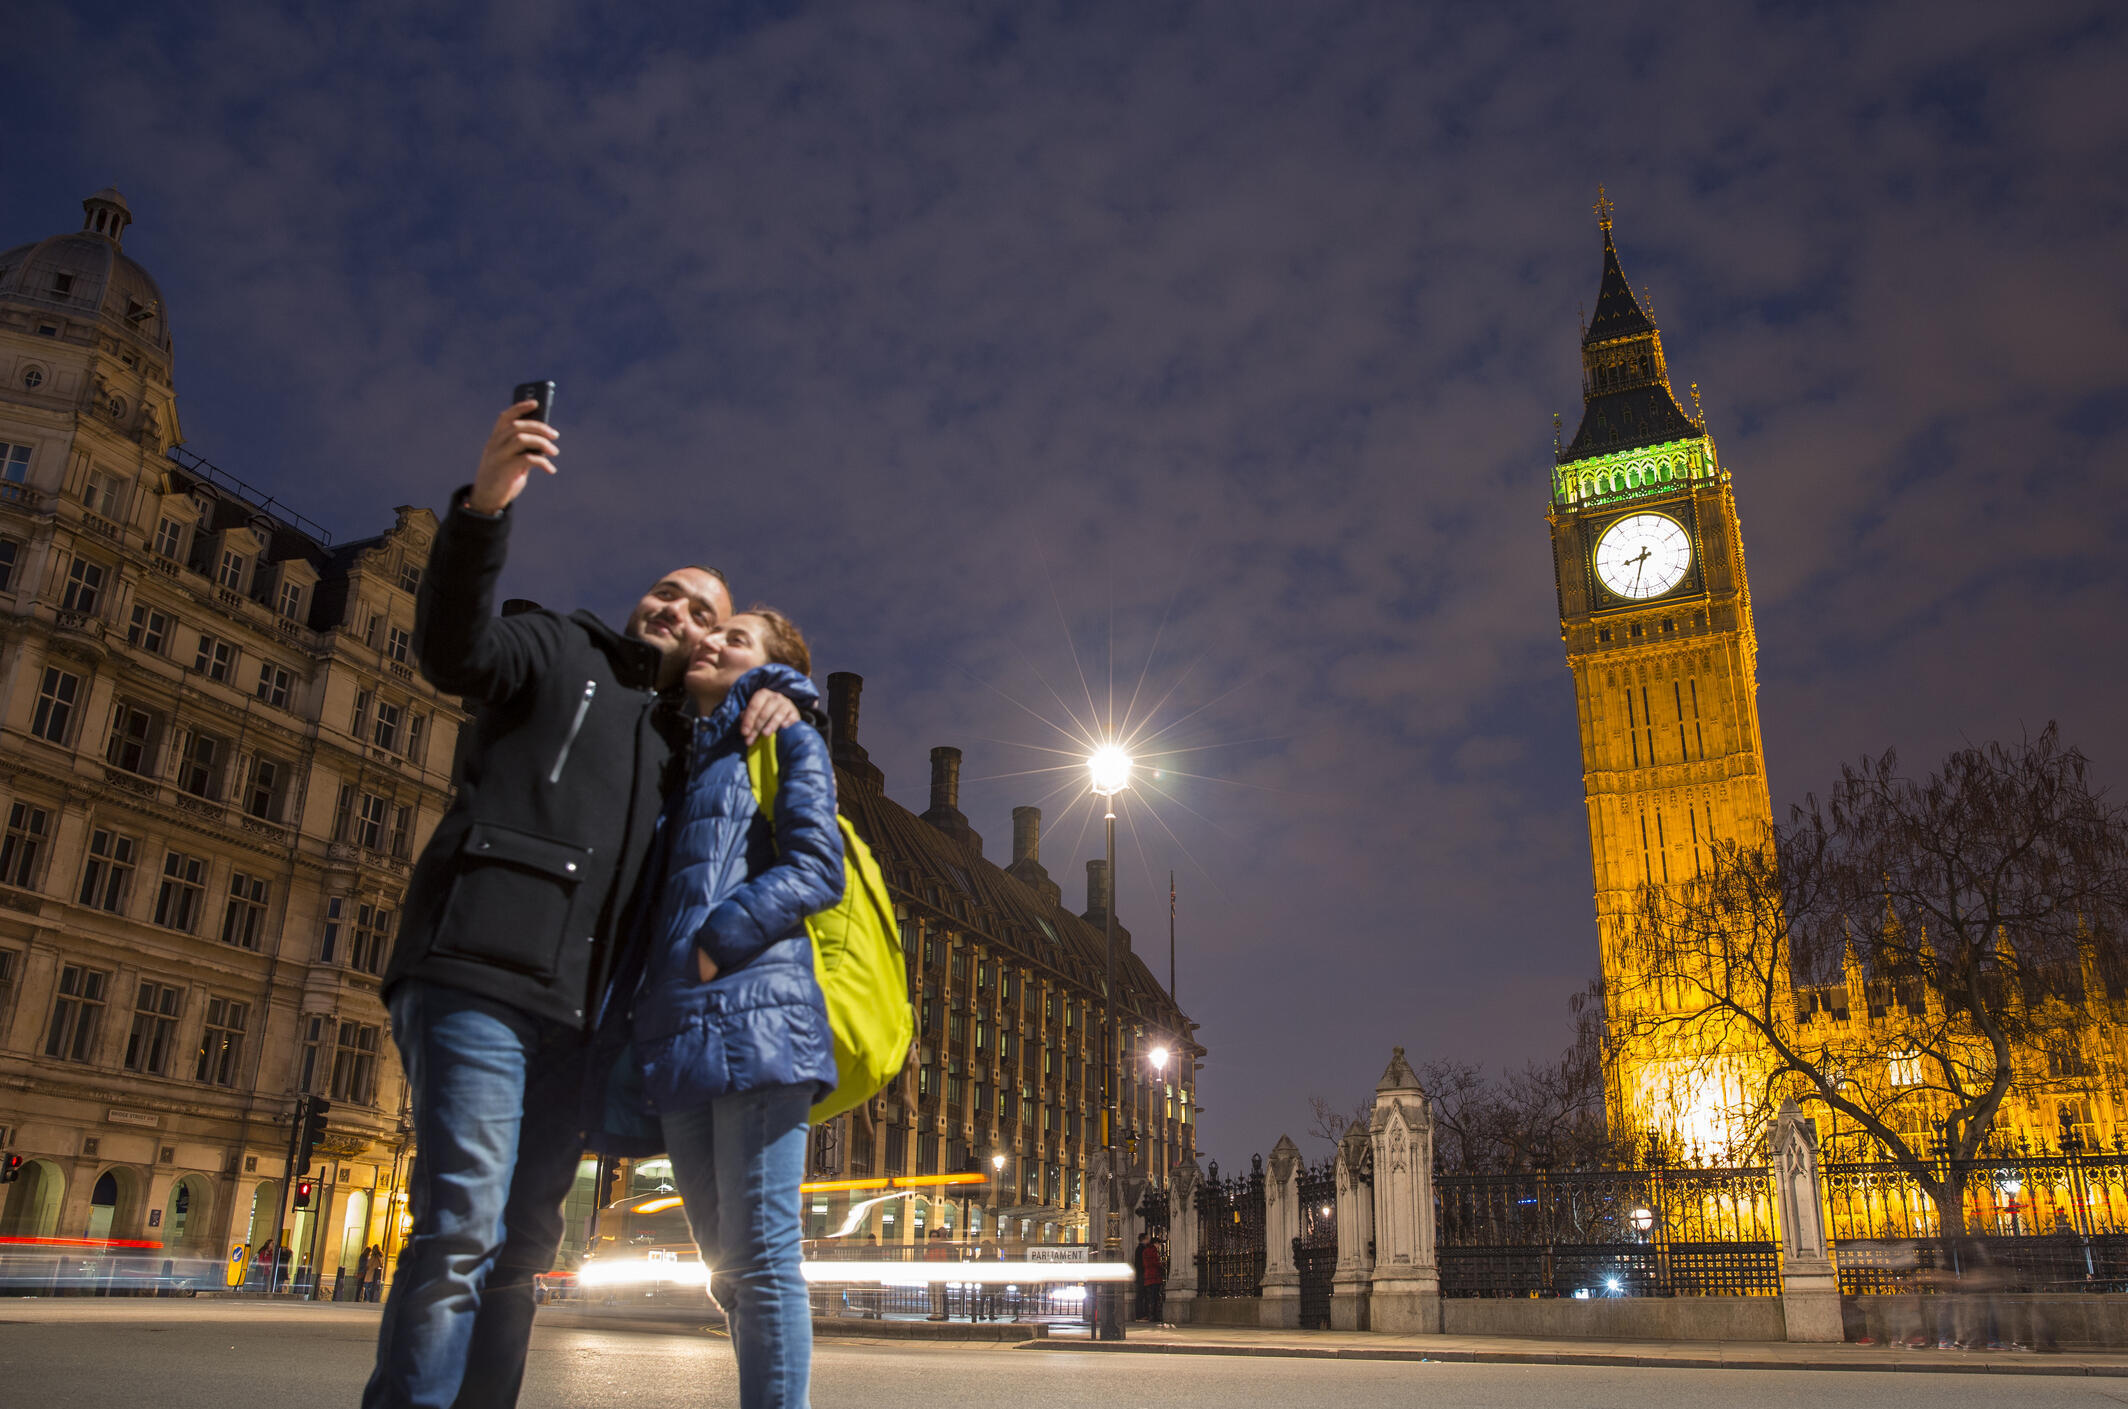 Кампания «Hug a Brit» в Twitter и Facebook за сохранение Великобритании в ЕС